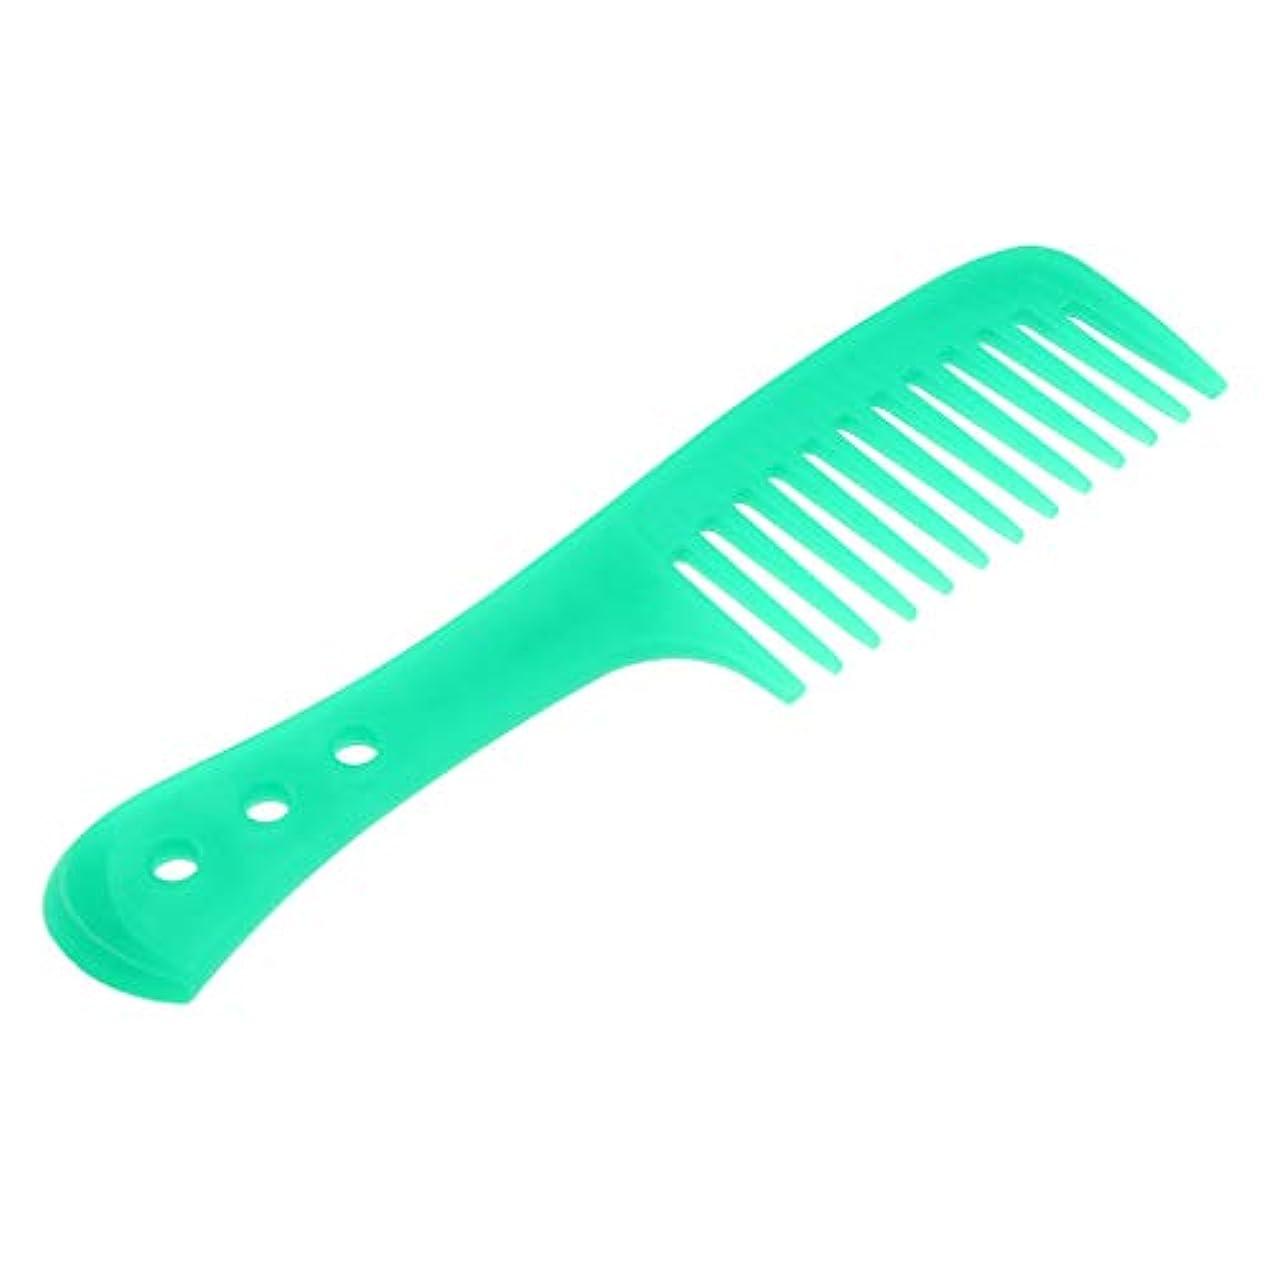 弱い格差腐食するSharplace ヘアコーム ヘアブラシ ワイド歯ブラシ 櫛 帯電防止 プラスチック製 4色選べ - 緑